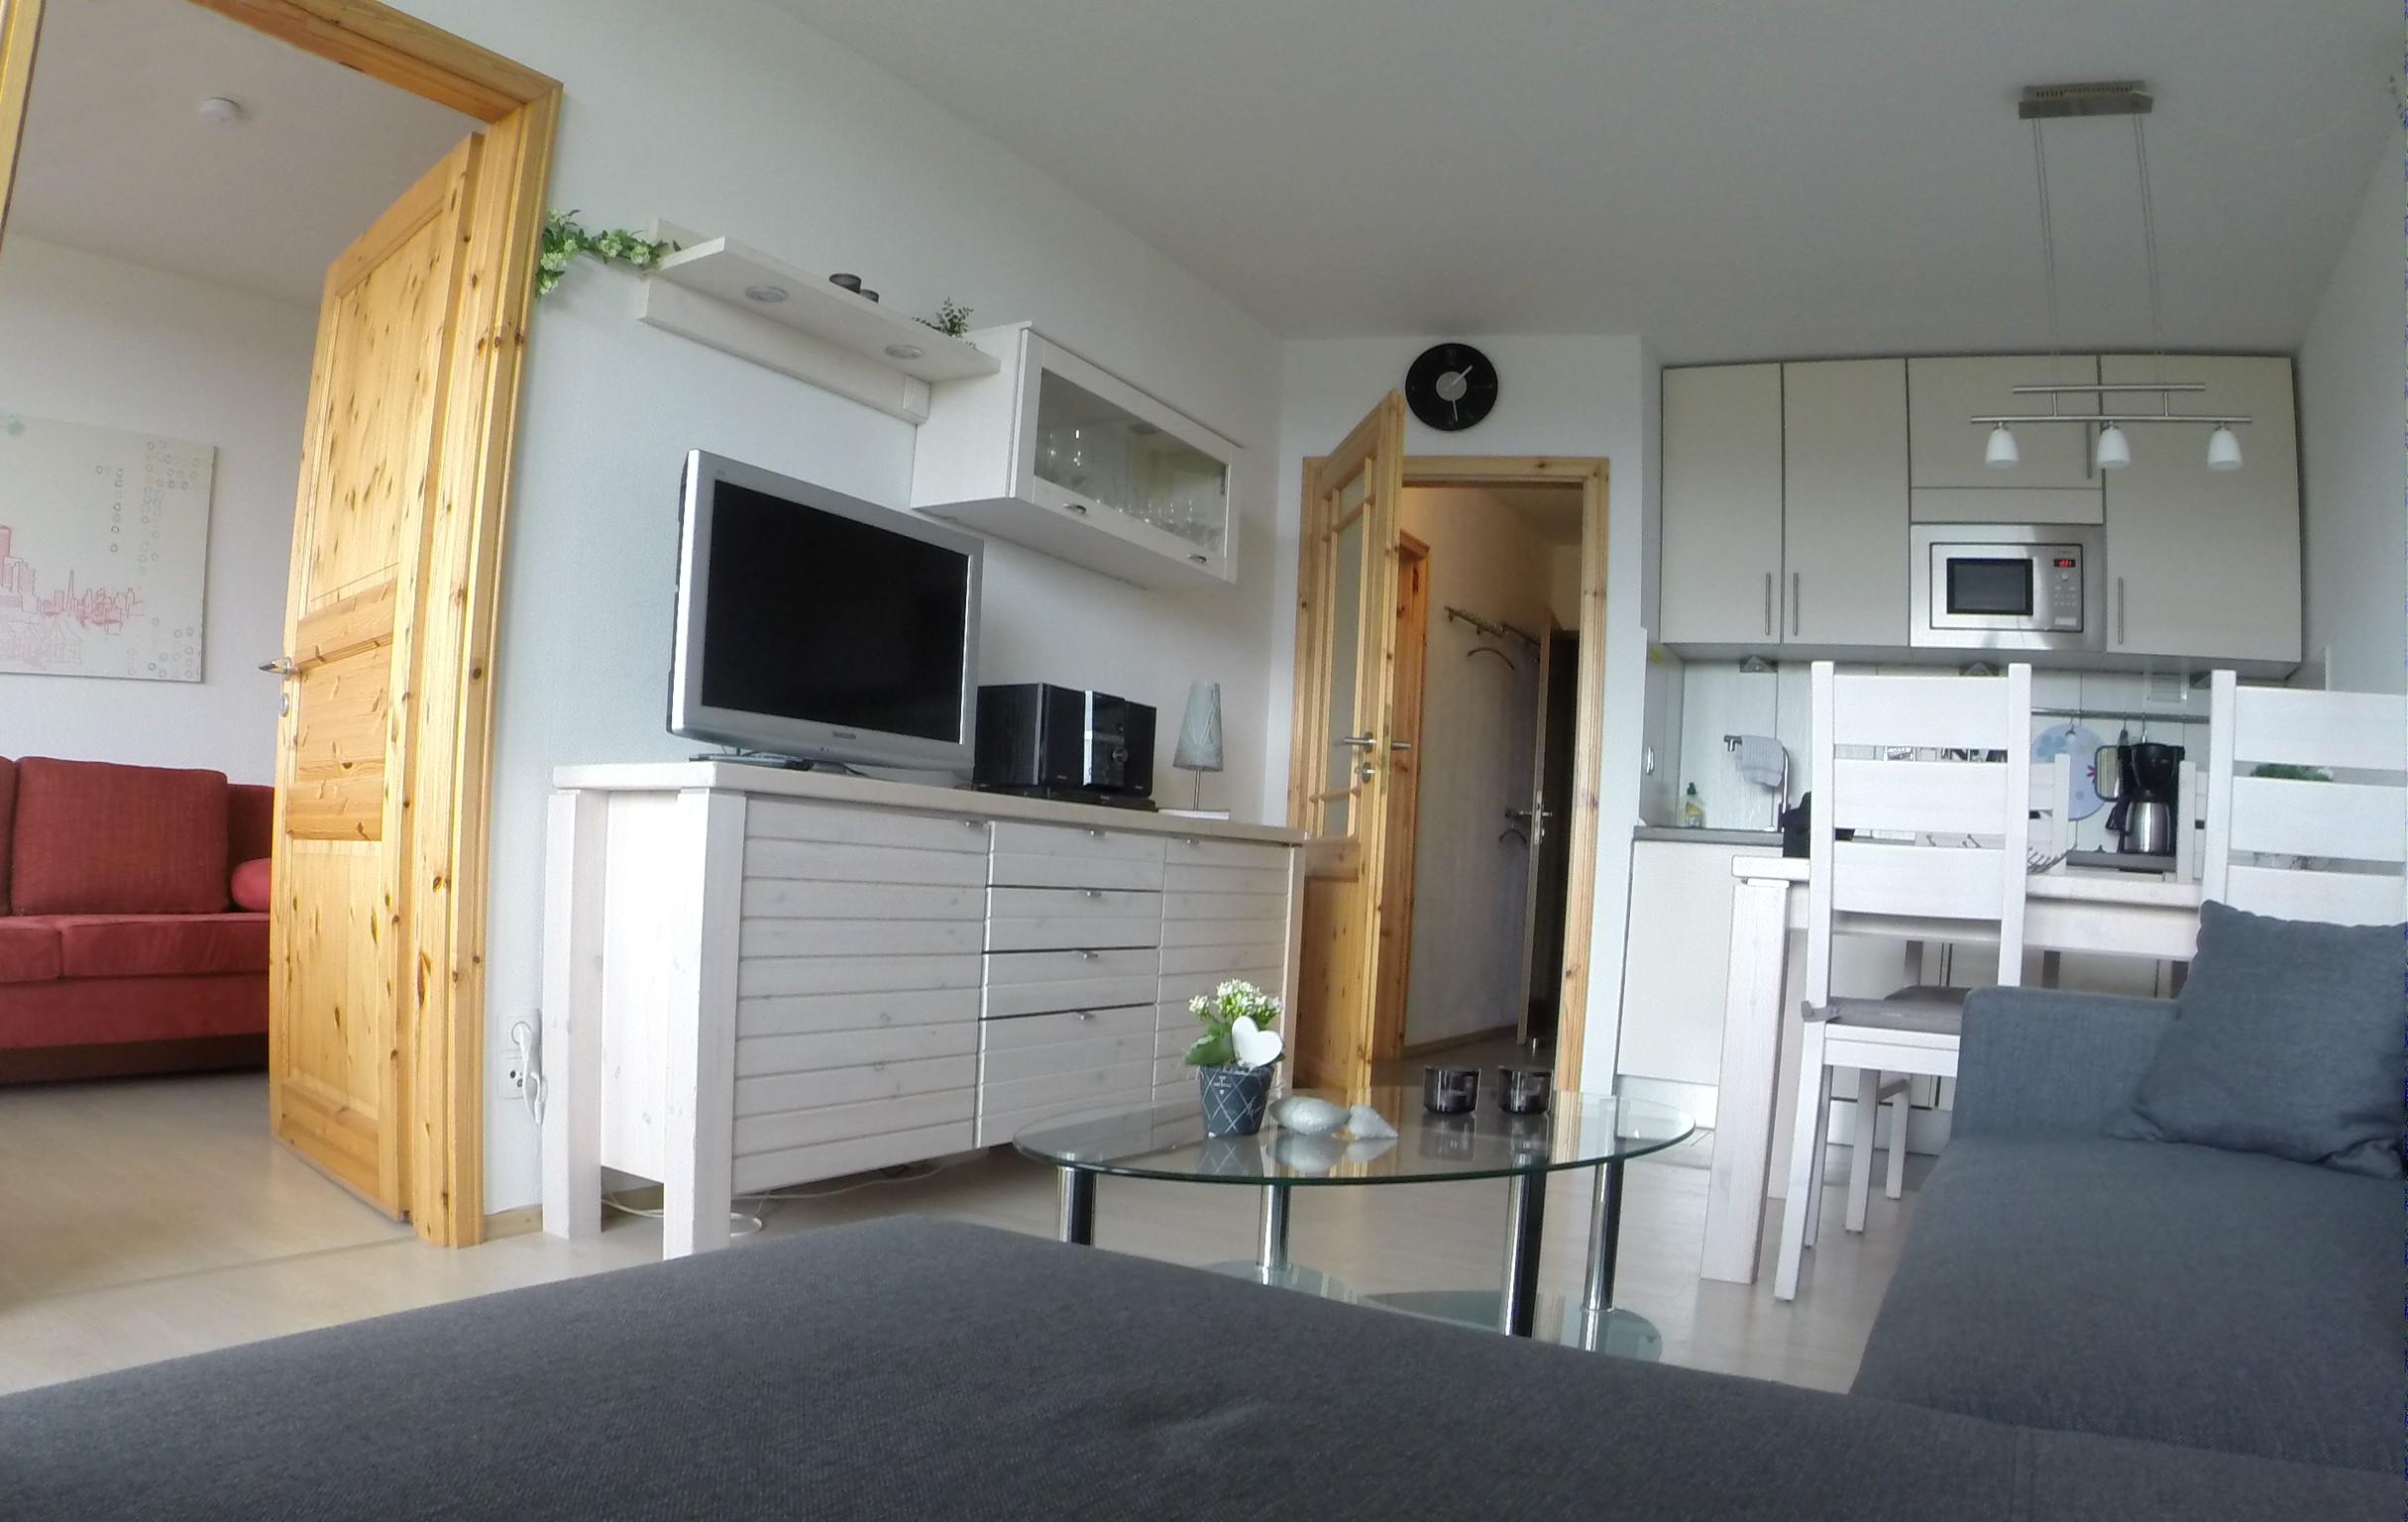 kleines schlafzimmer dachschr ge einrichten. Black Bedroom Furniture Sets. Home Design Ideas